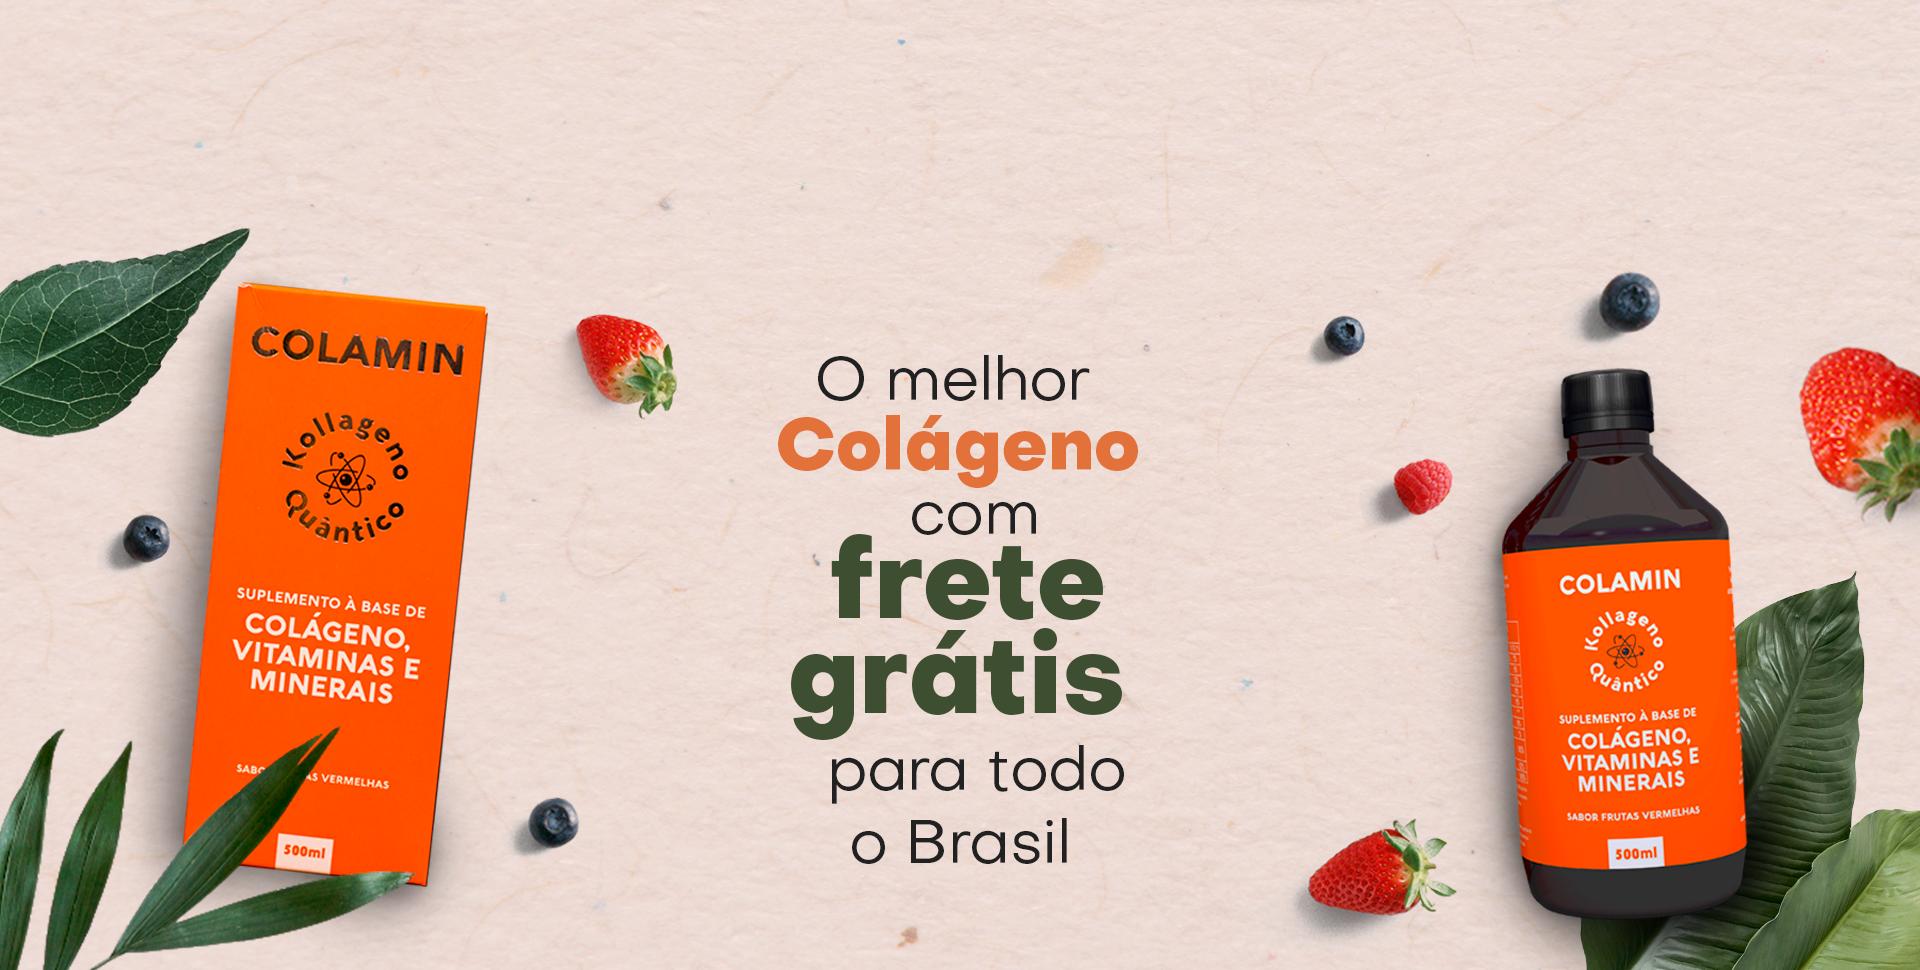 colamin com frete grátis para todo o brasil